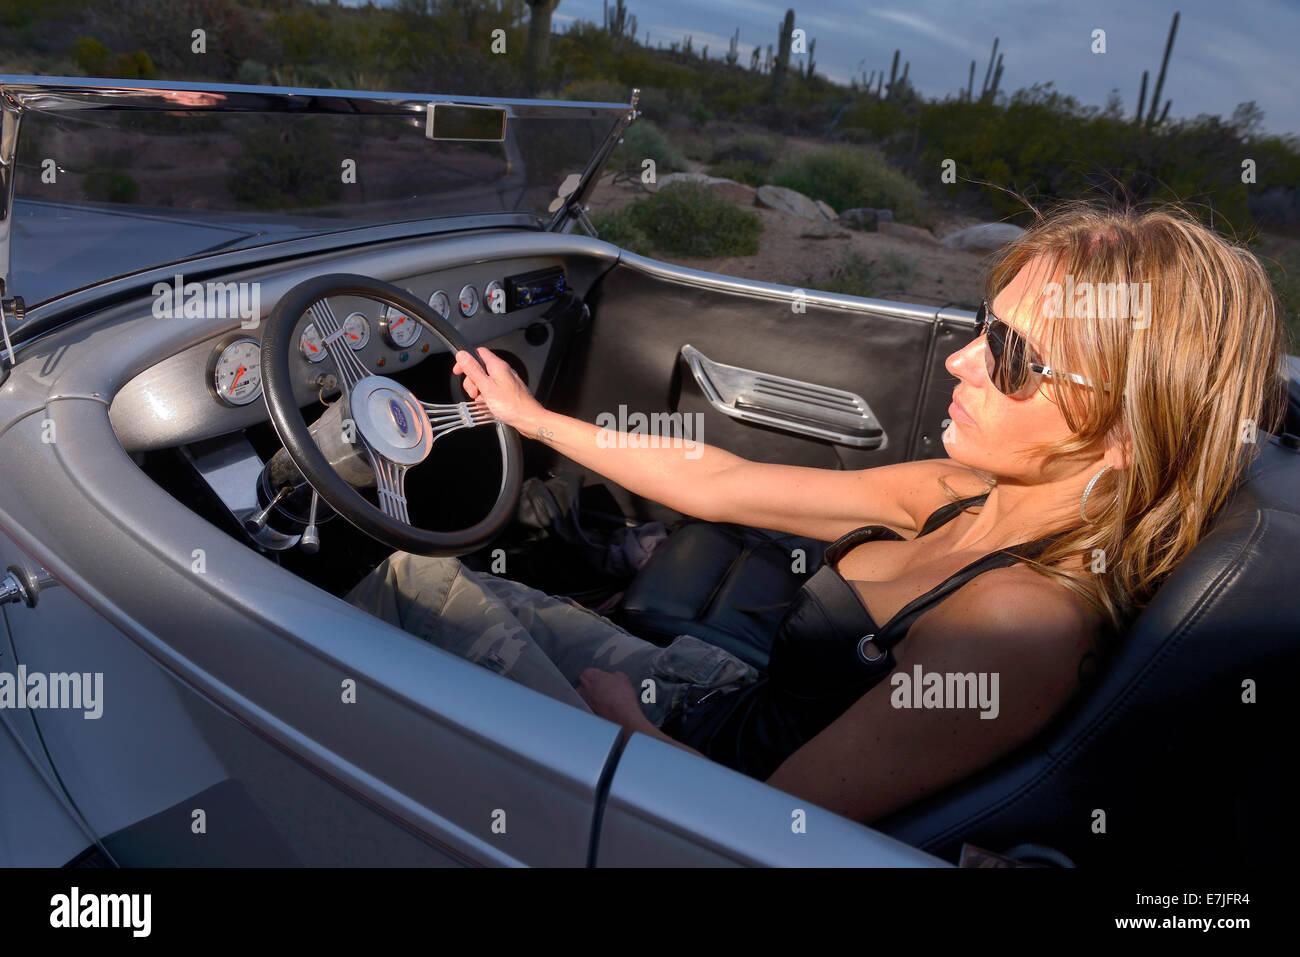 Hot blonde in car-3520